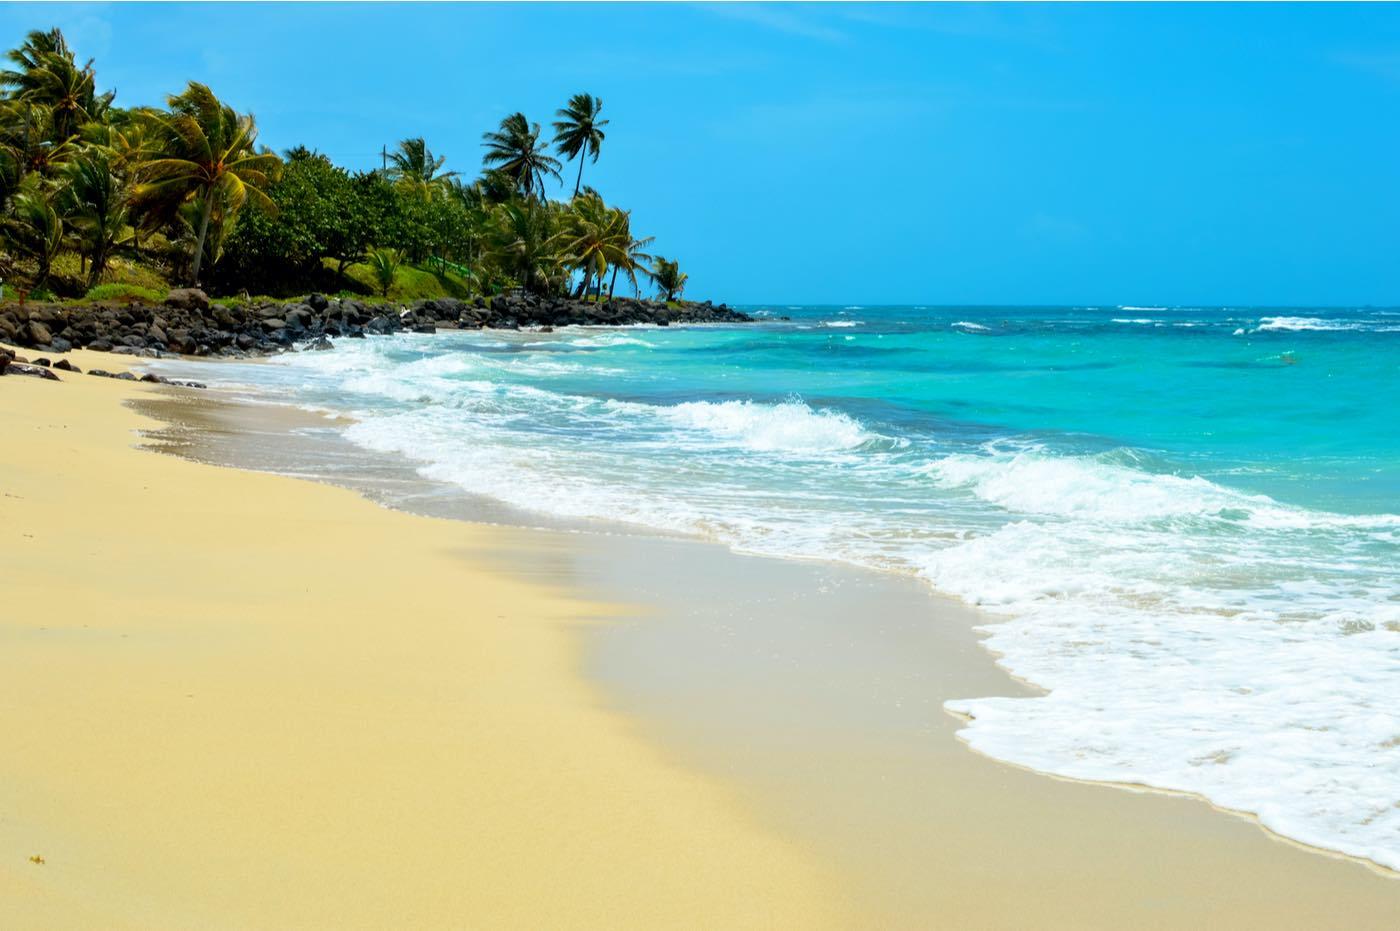 Hermosa playa tropical en Isla del Maíz, Nicaragua. Naturaleza y paisajes de Centroamérica.